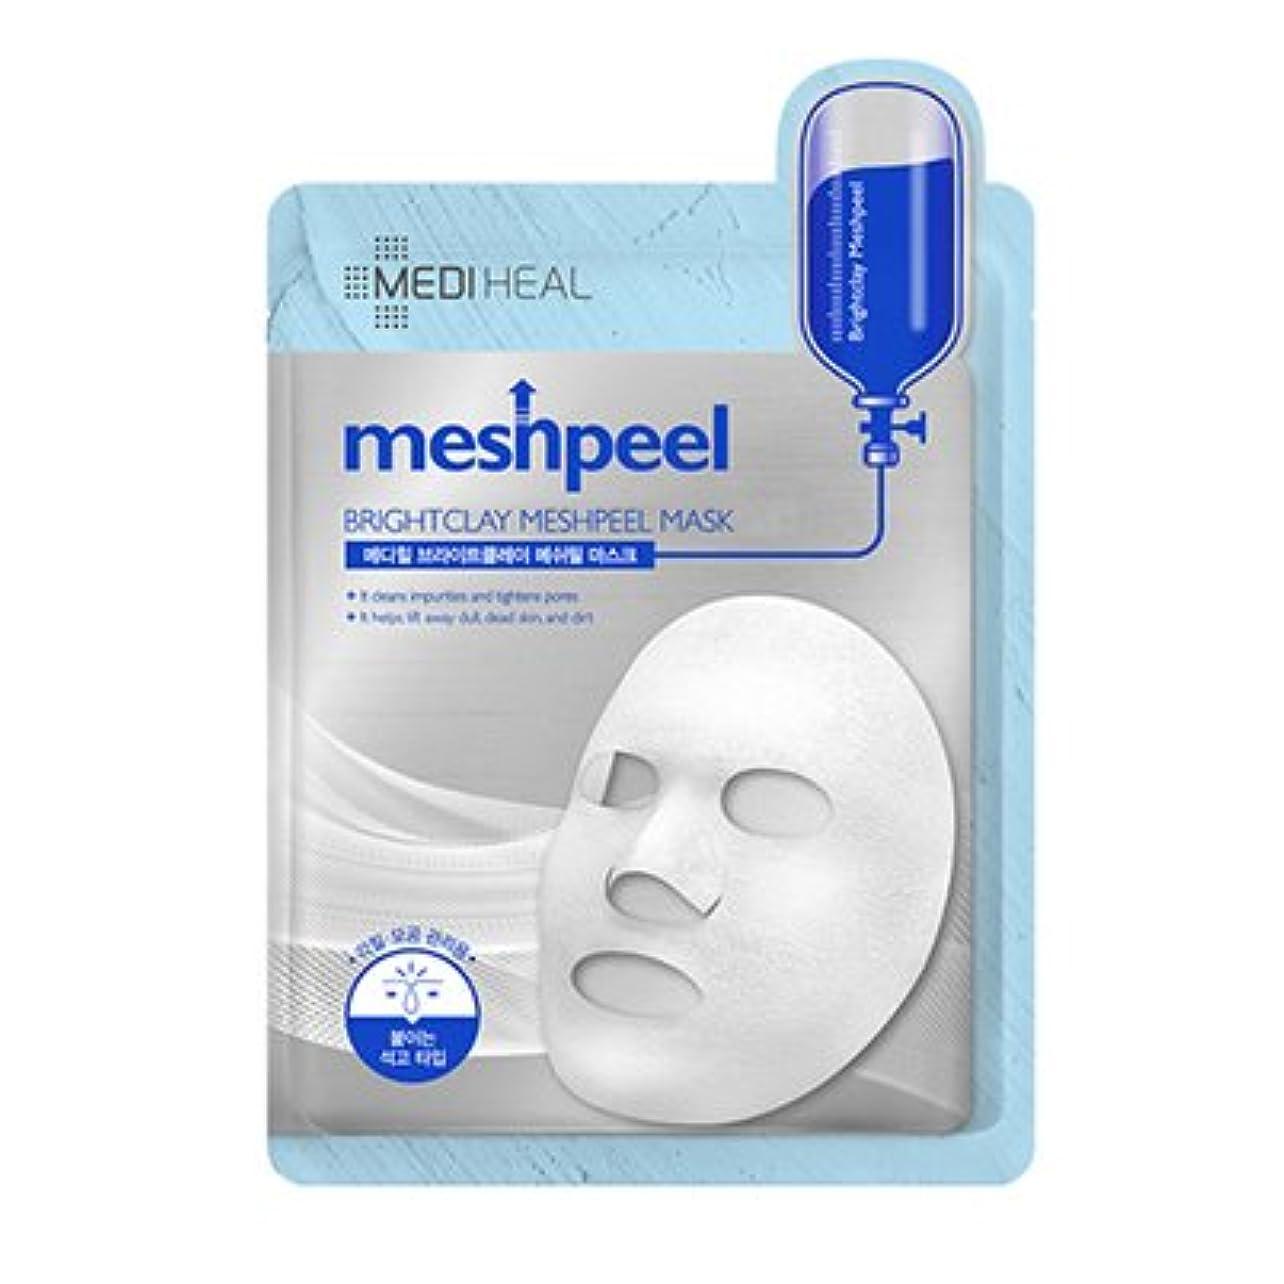 うめきまもなく能力[New] MEDIHEAL Brightclay Meshpeel Mask 17g × 10EA/メディヒール ブライト クレイ メッシュ ピール マスク 17g × 10枚